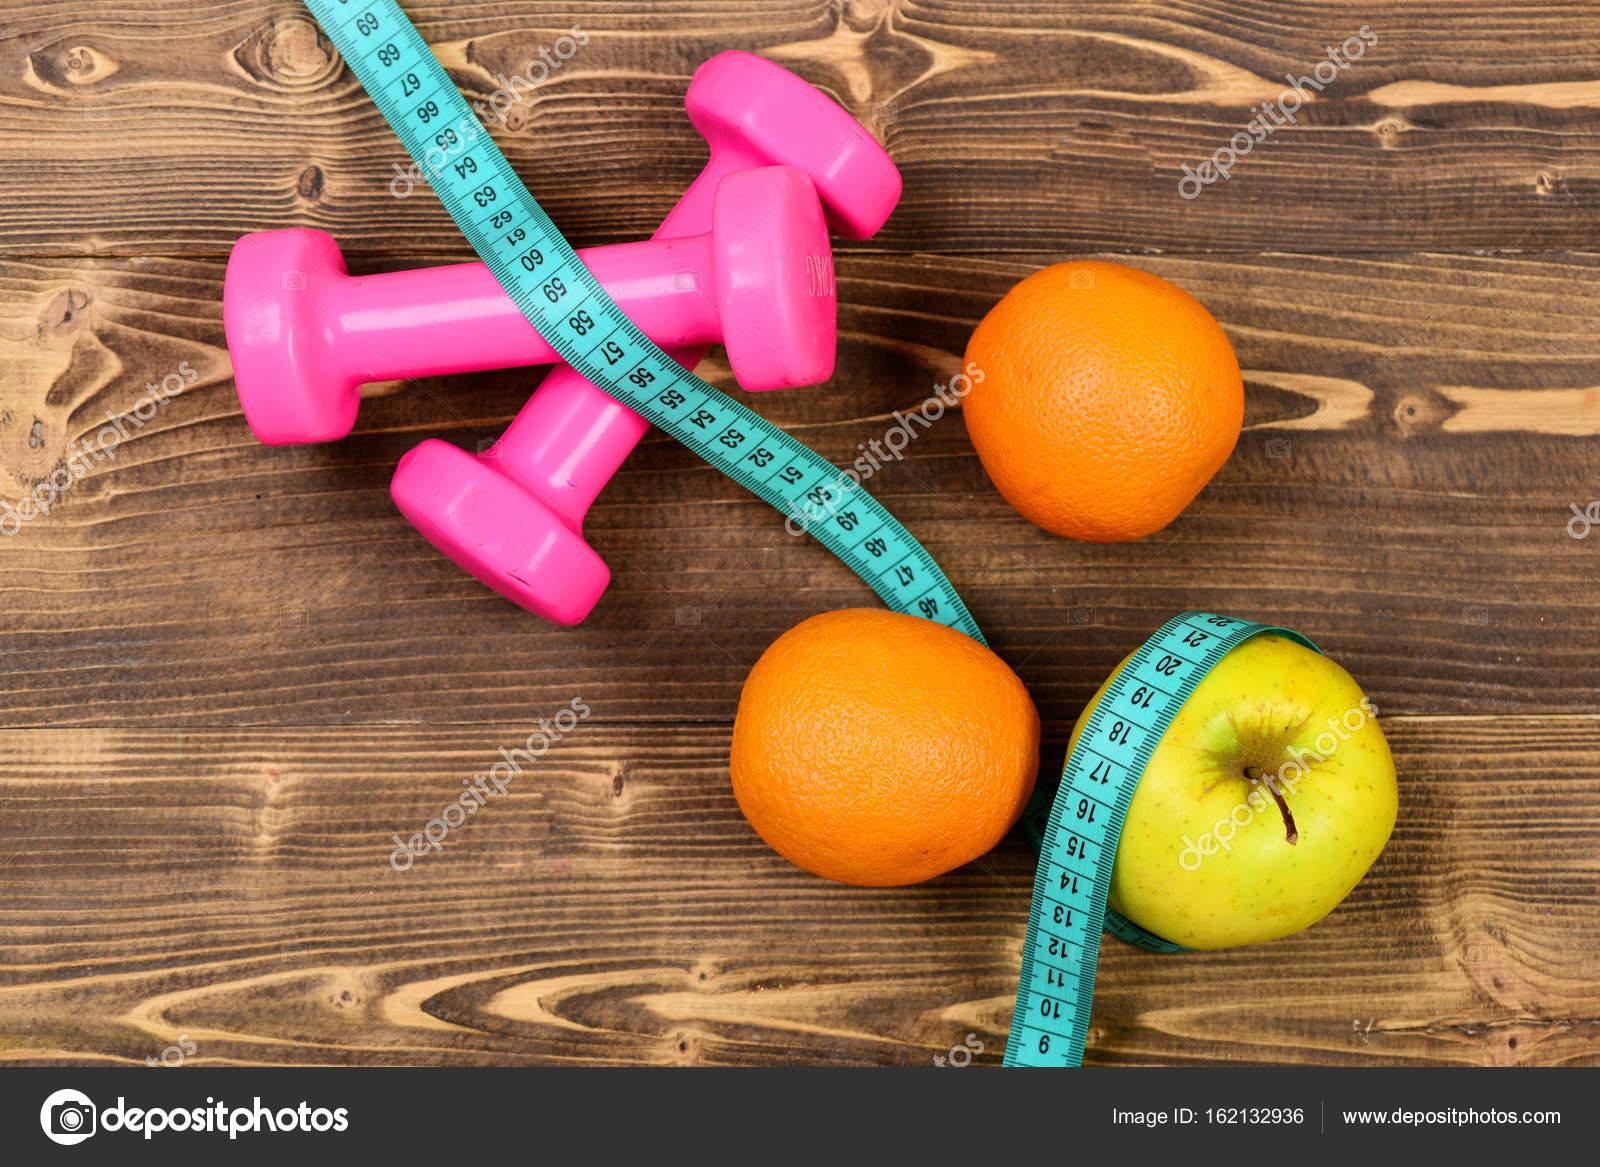 χρονολόγηση ζωής μετά την απώλεια βάρους